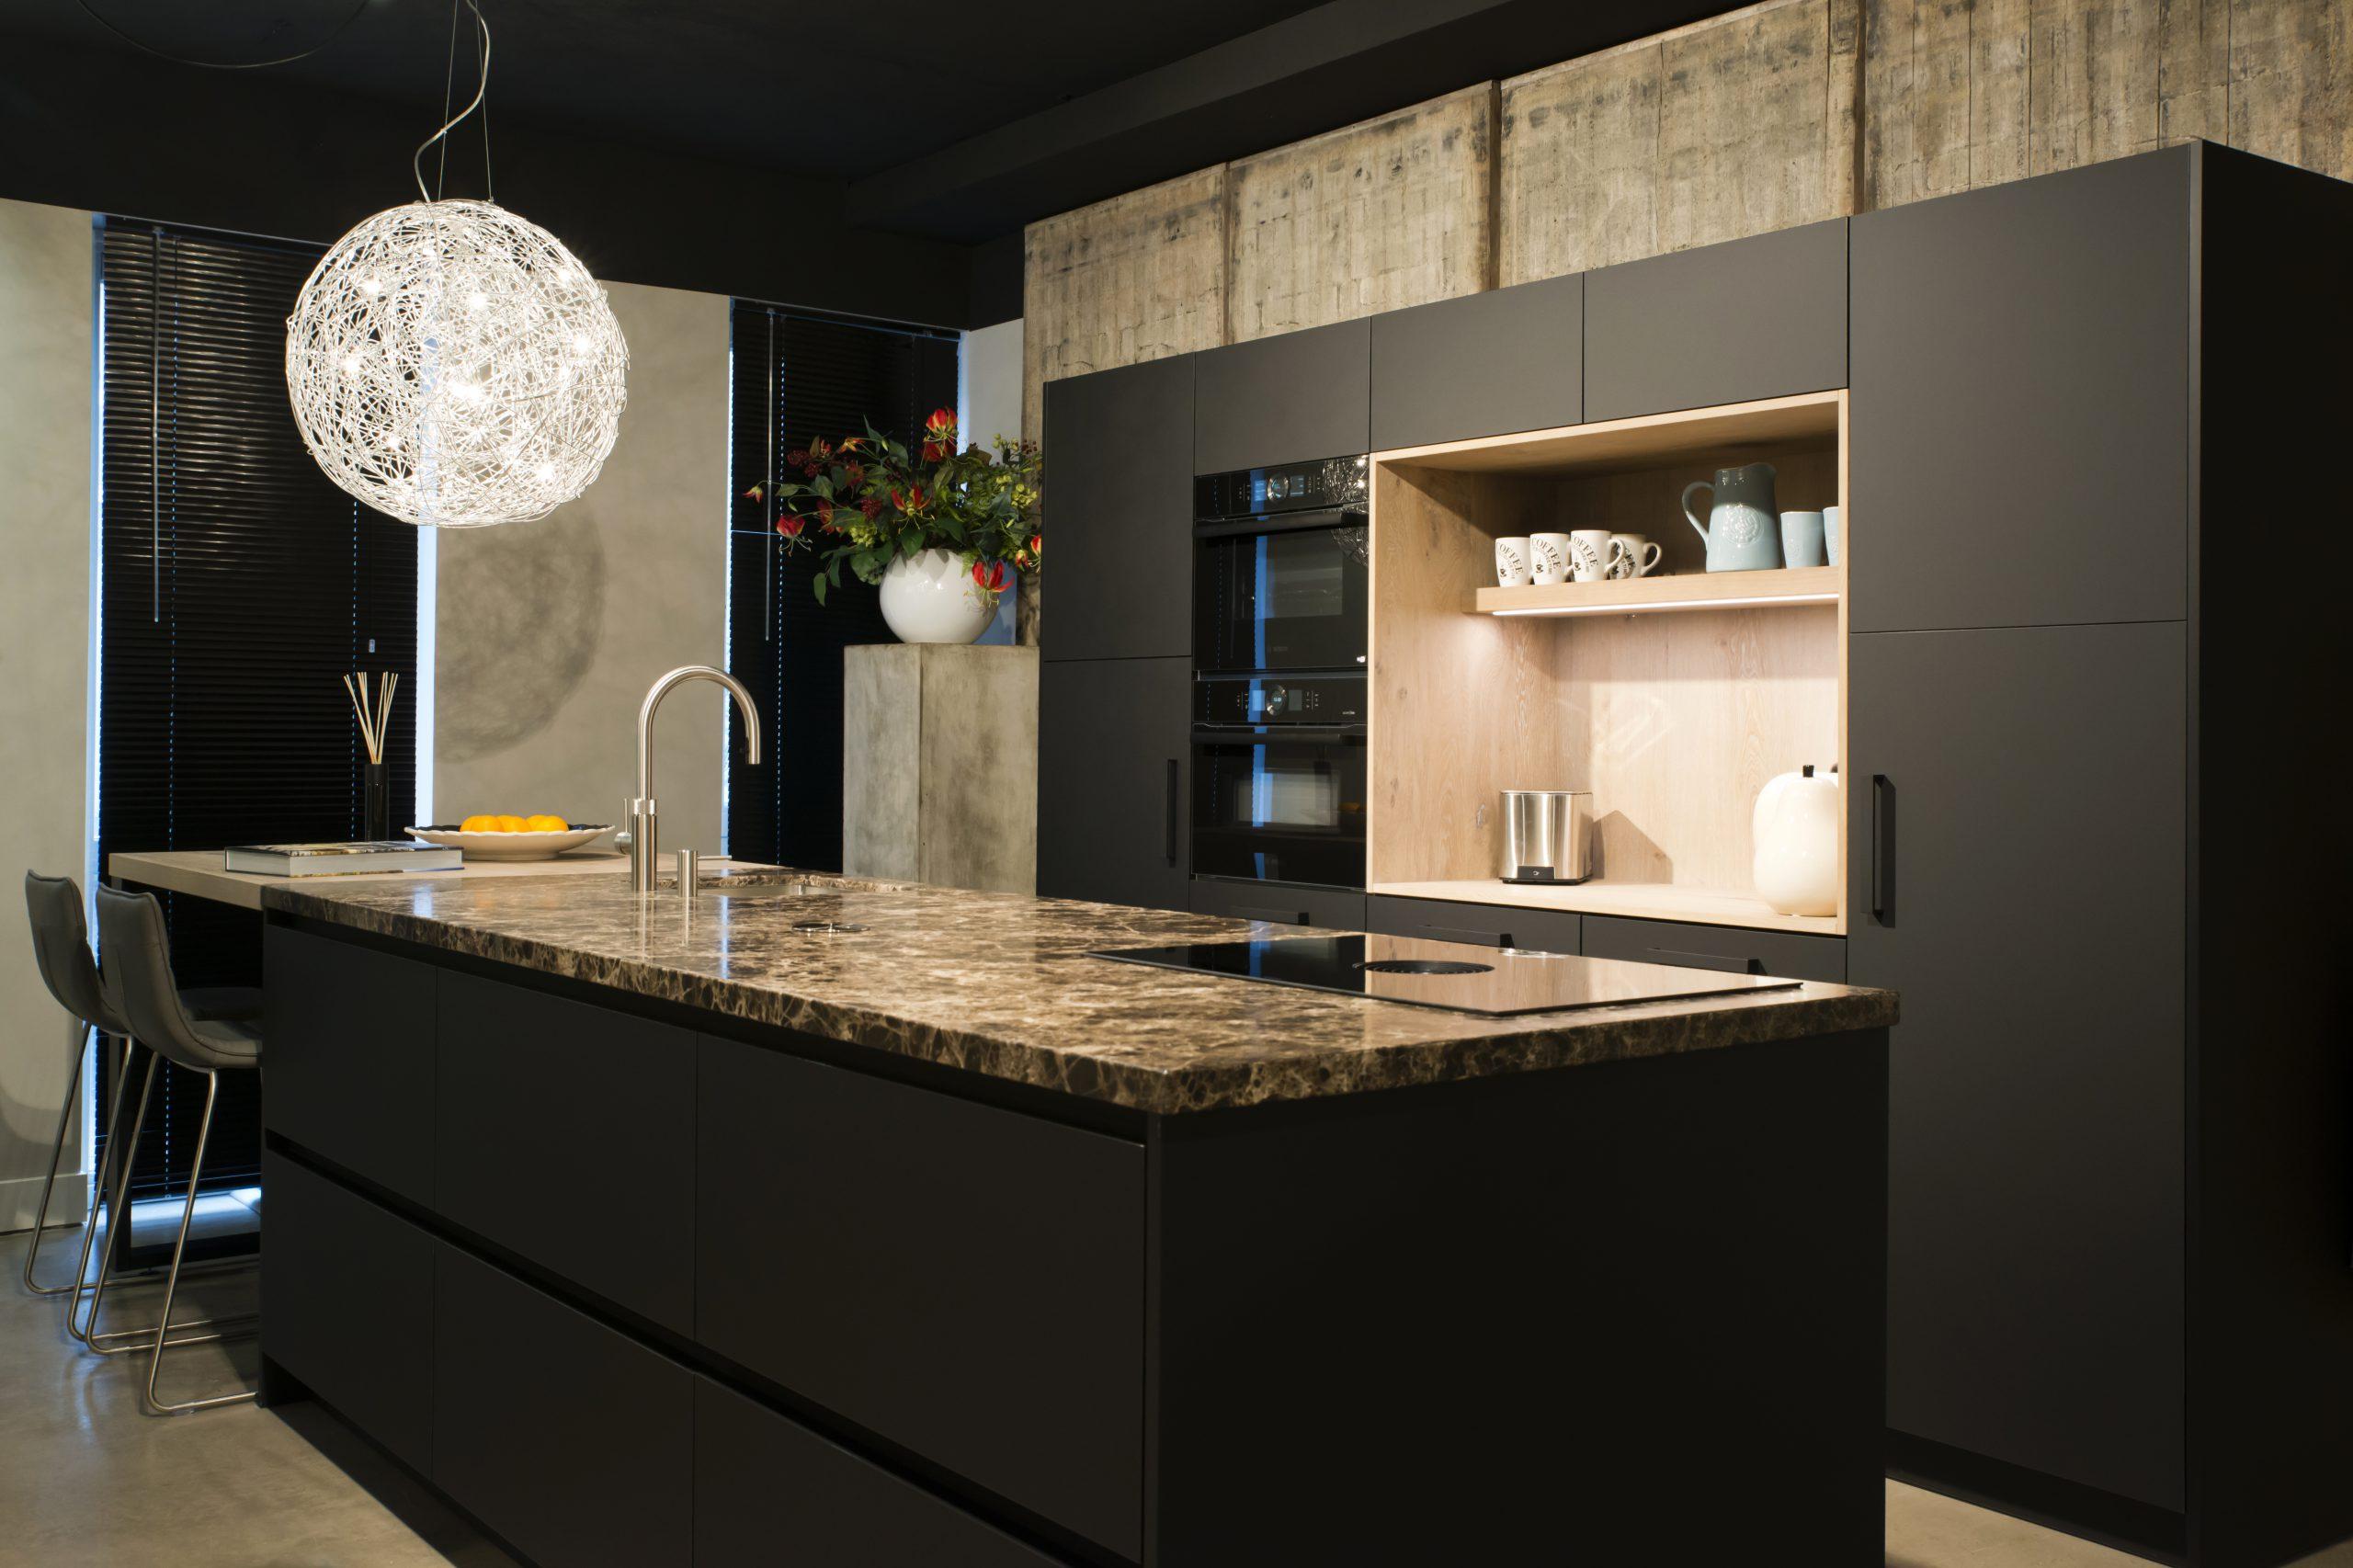 Nieuw Een Keuken In Zwart Mat Bourgonje Keukens